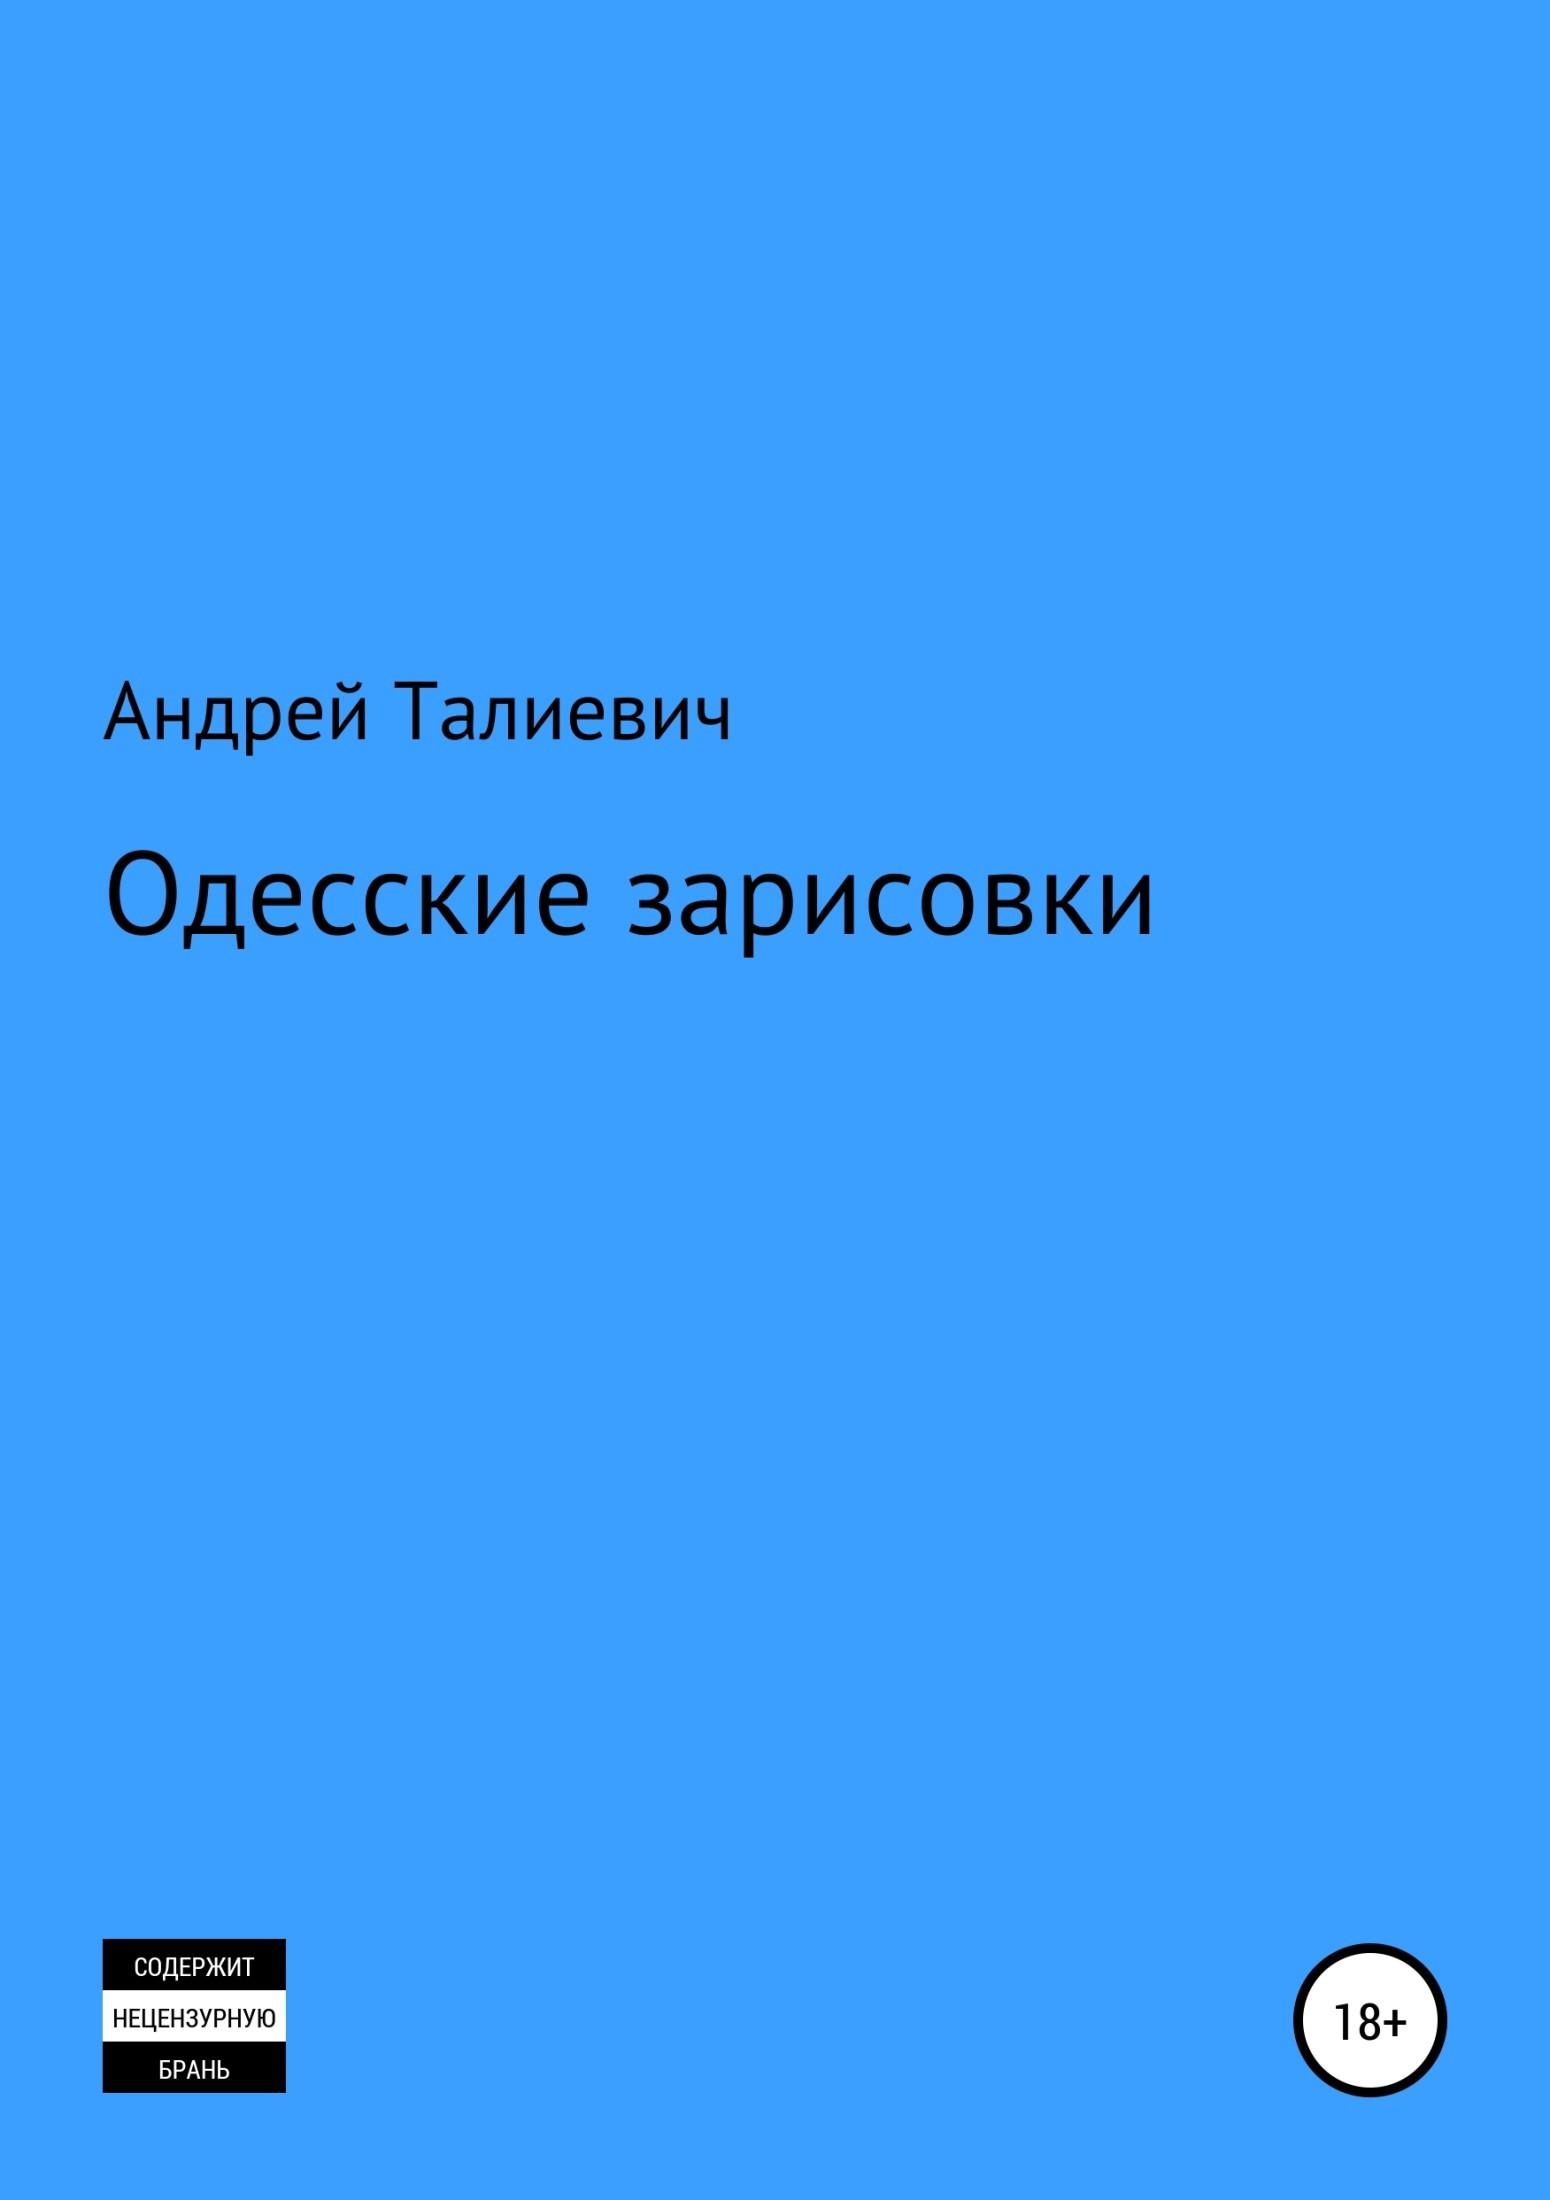 Одесские зарисовки